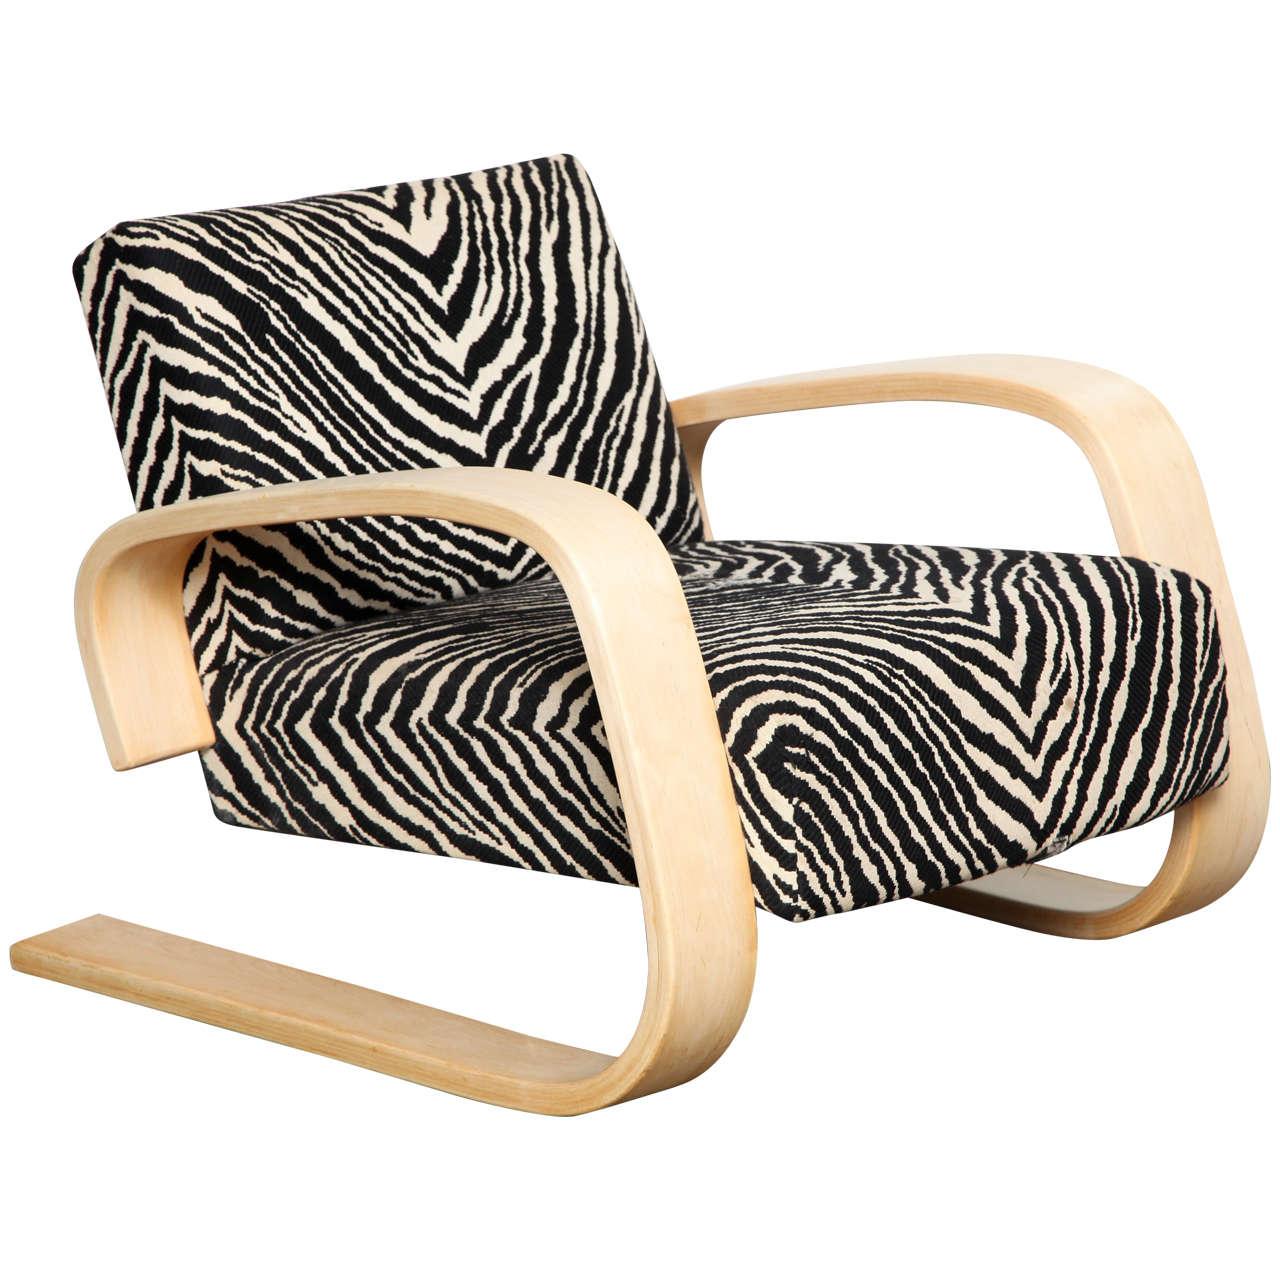 Alvar aalto chair at 1stdibs for Alvar aalto chaise